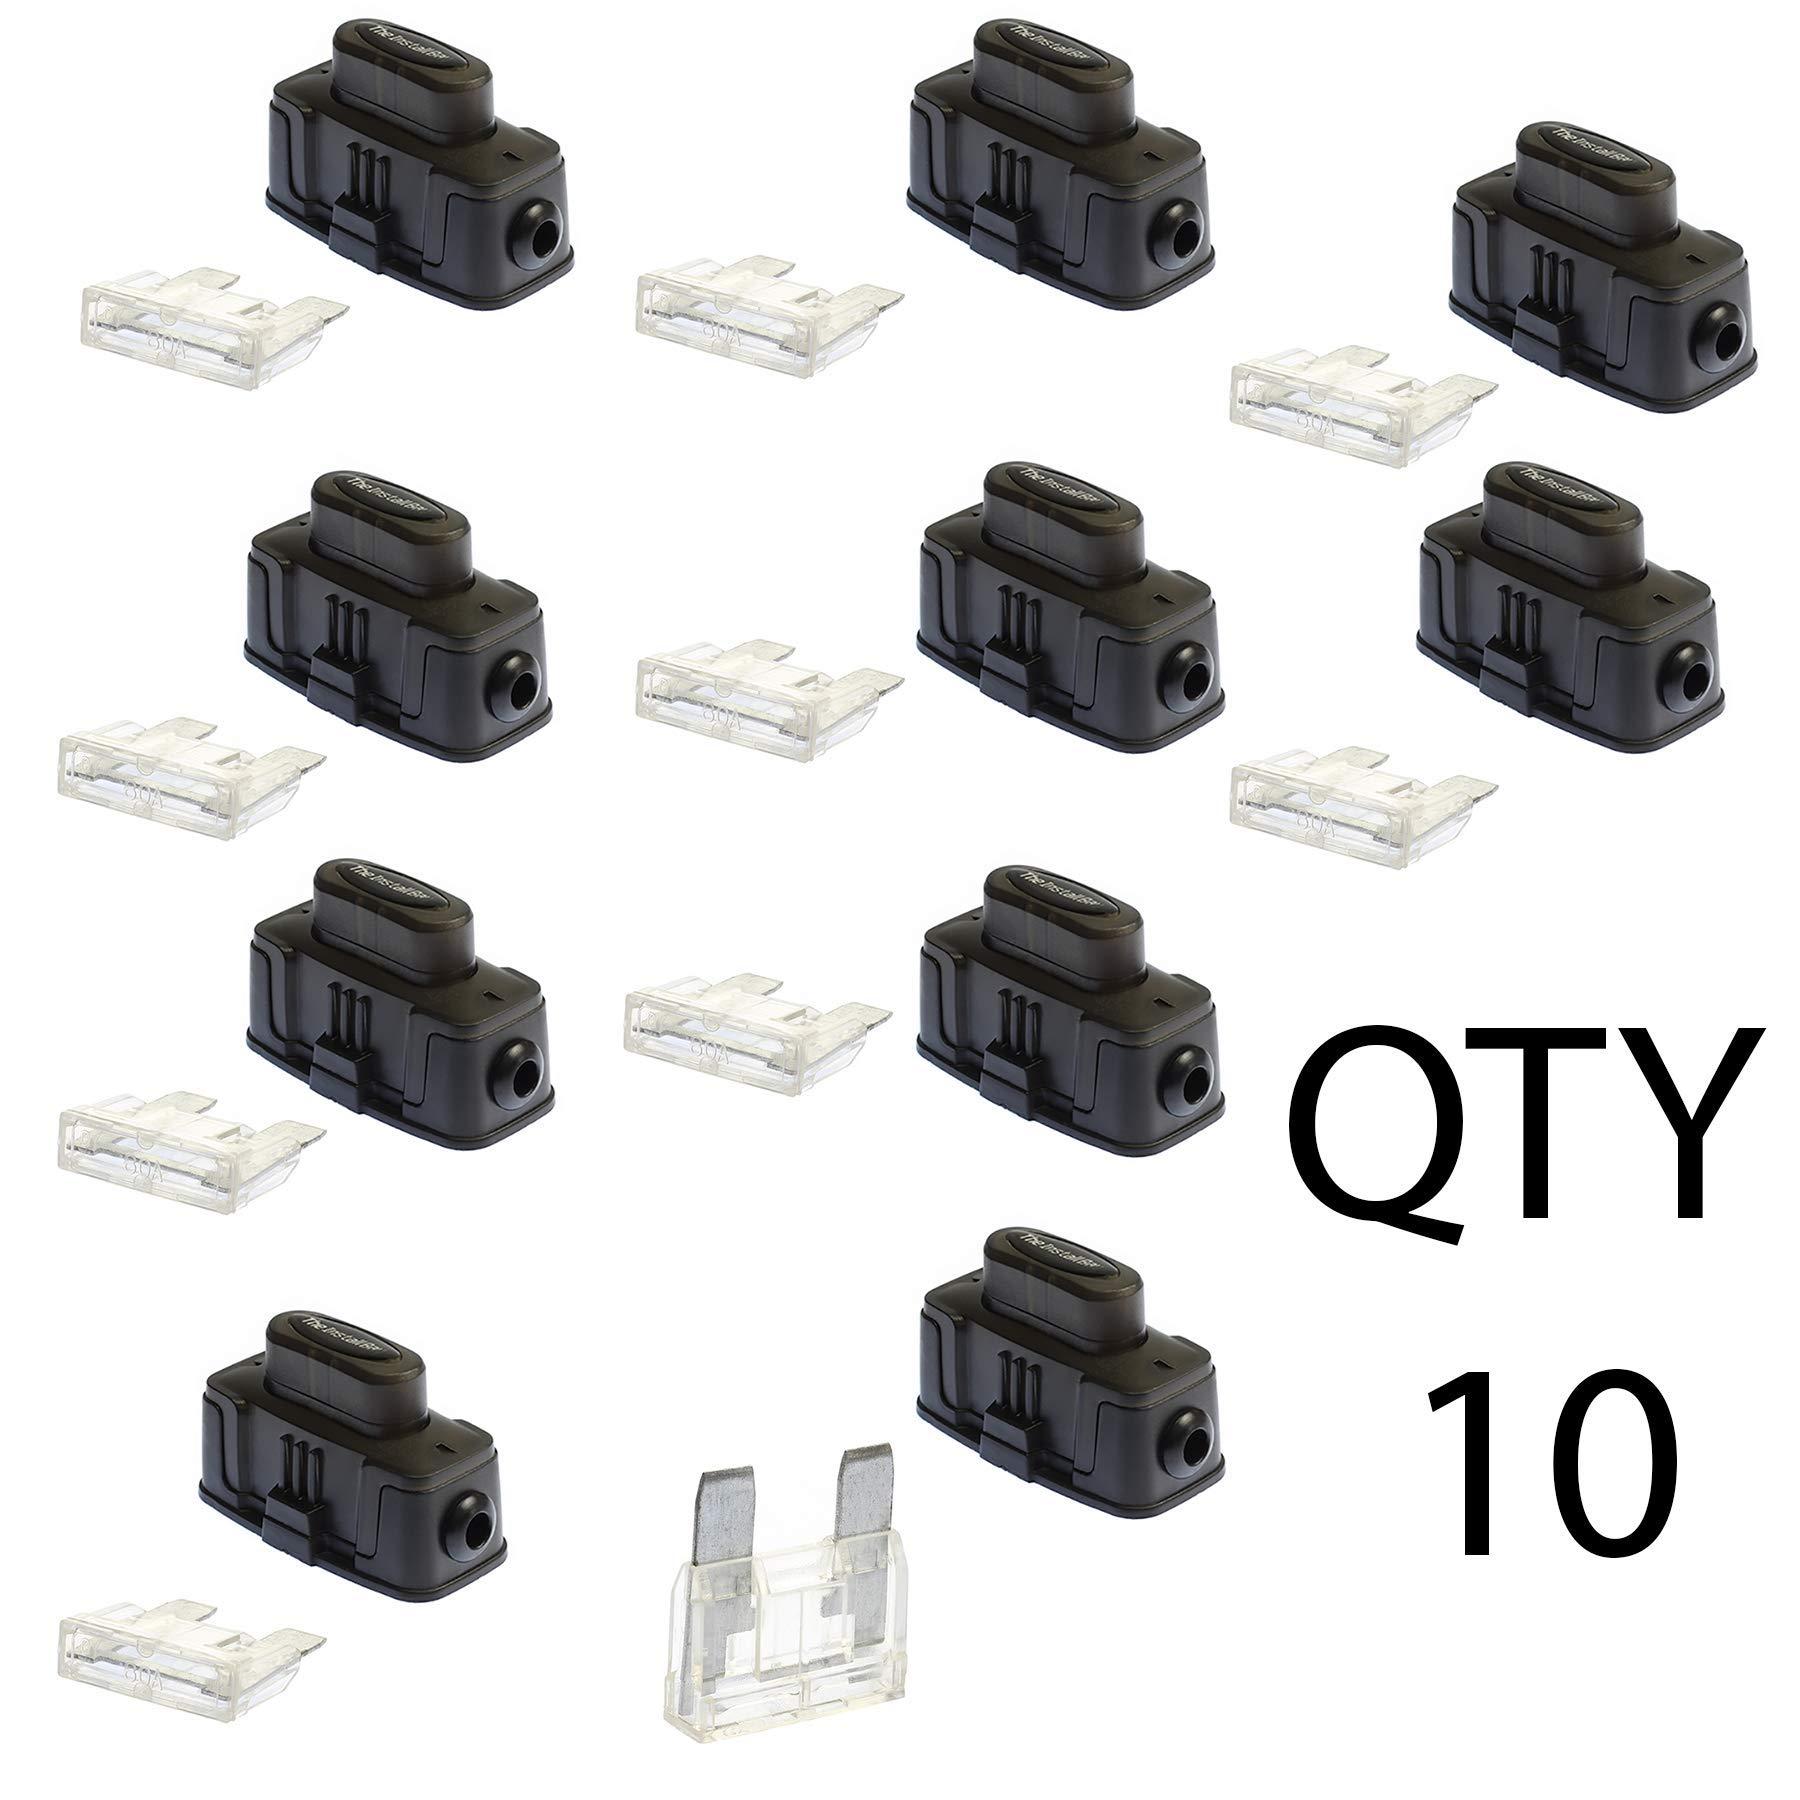 VOODOO Maxi Inline Fuse Holder Fuseholder Install Bay 4 6 8 Gauge 80 Amp (10 Pack)